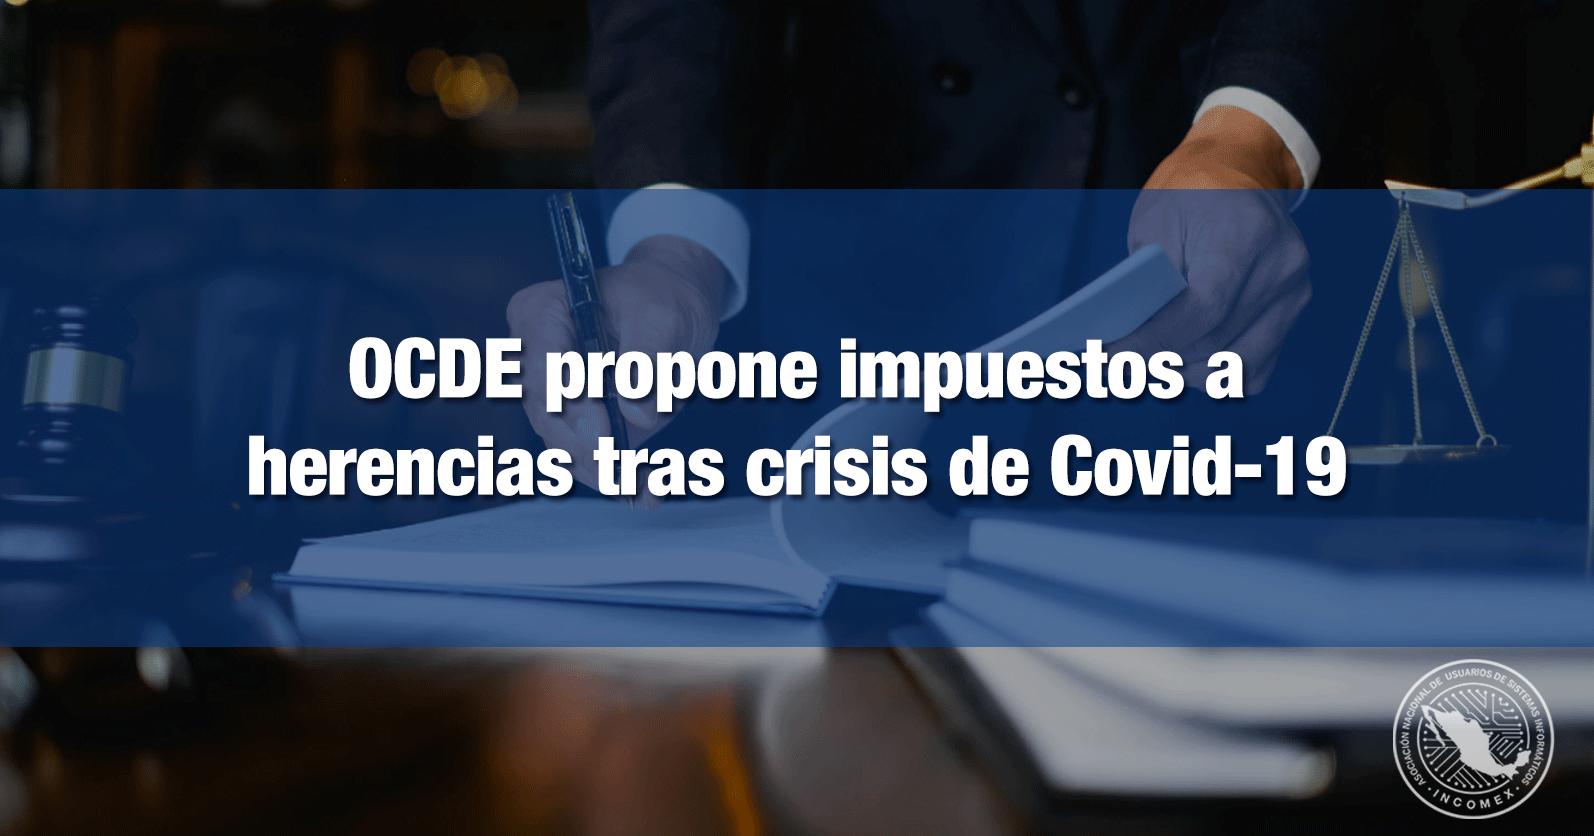 OCDE propone impuestos a herencias tras crisis de Covid-19